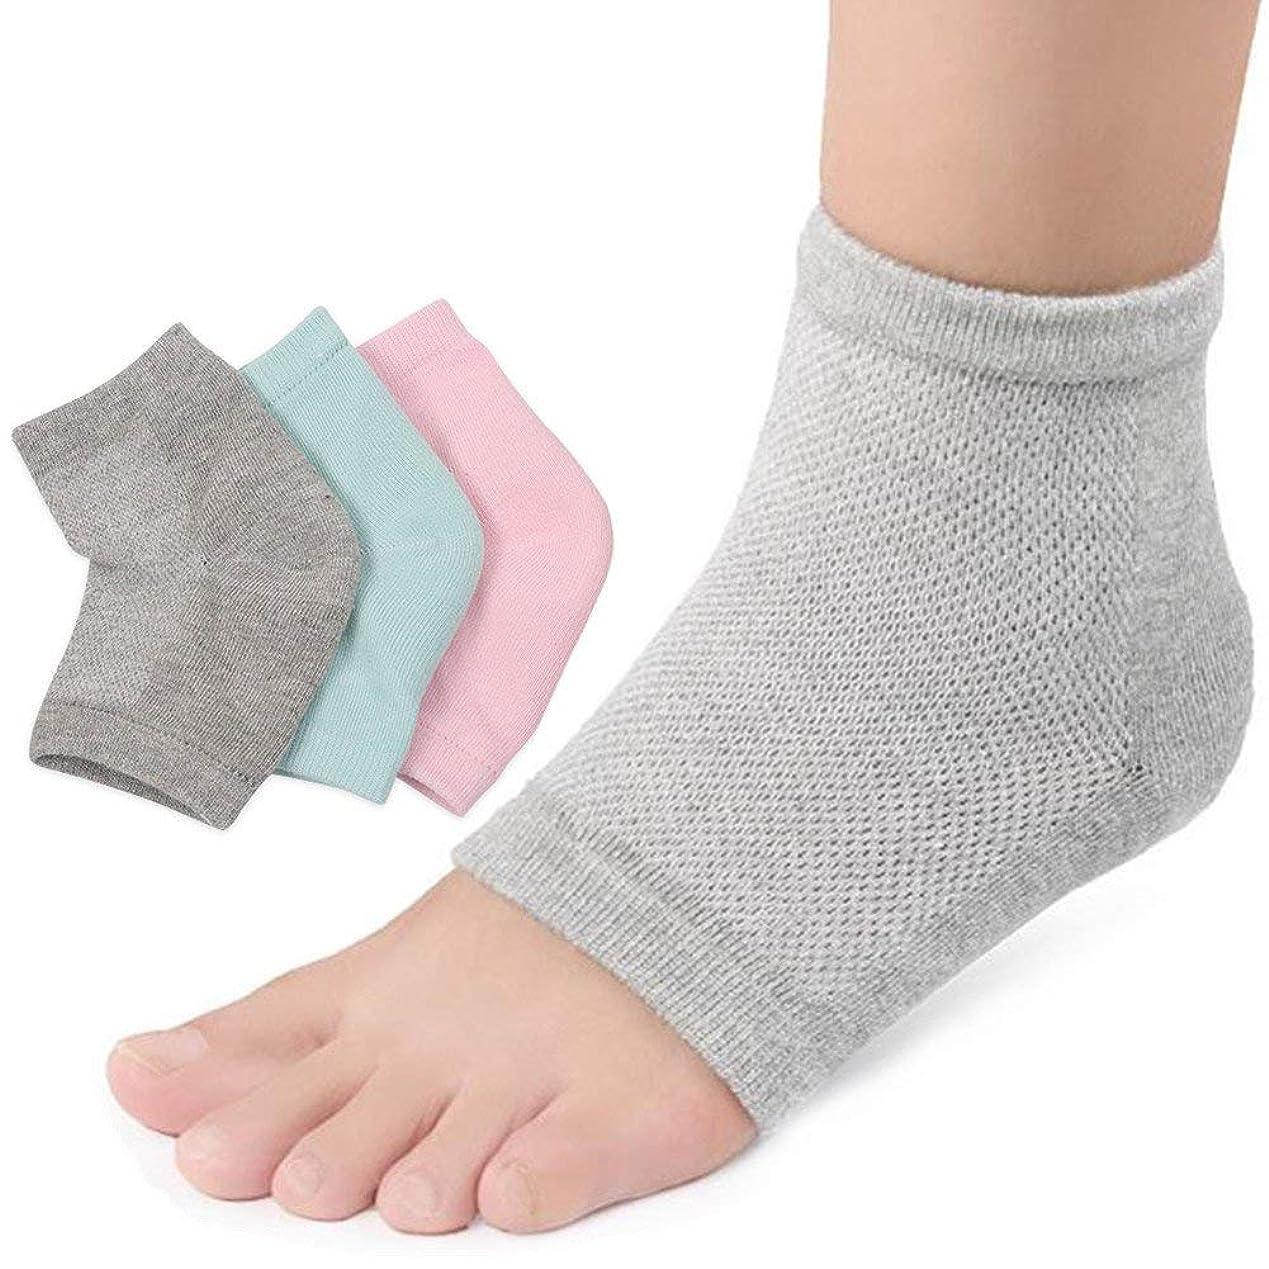 ポイントおいしいロバ3足セットかかと 靴下 かかとケア つるつる ジェル 靴下 角質 ケア 保湿 美容 角質除去足ケア 男女兼用